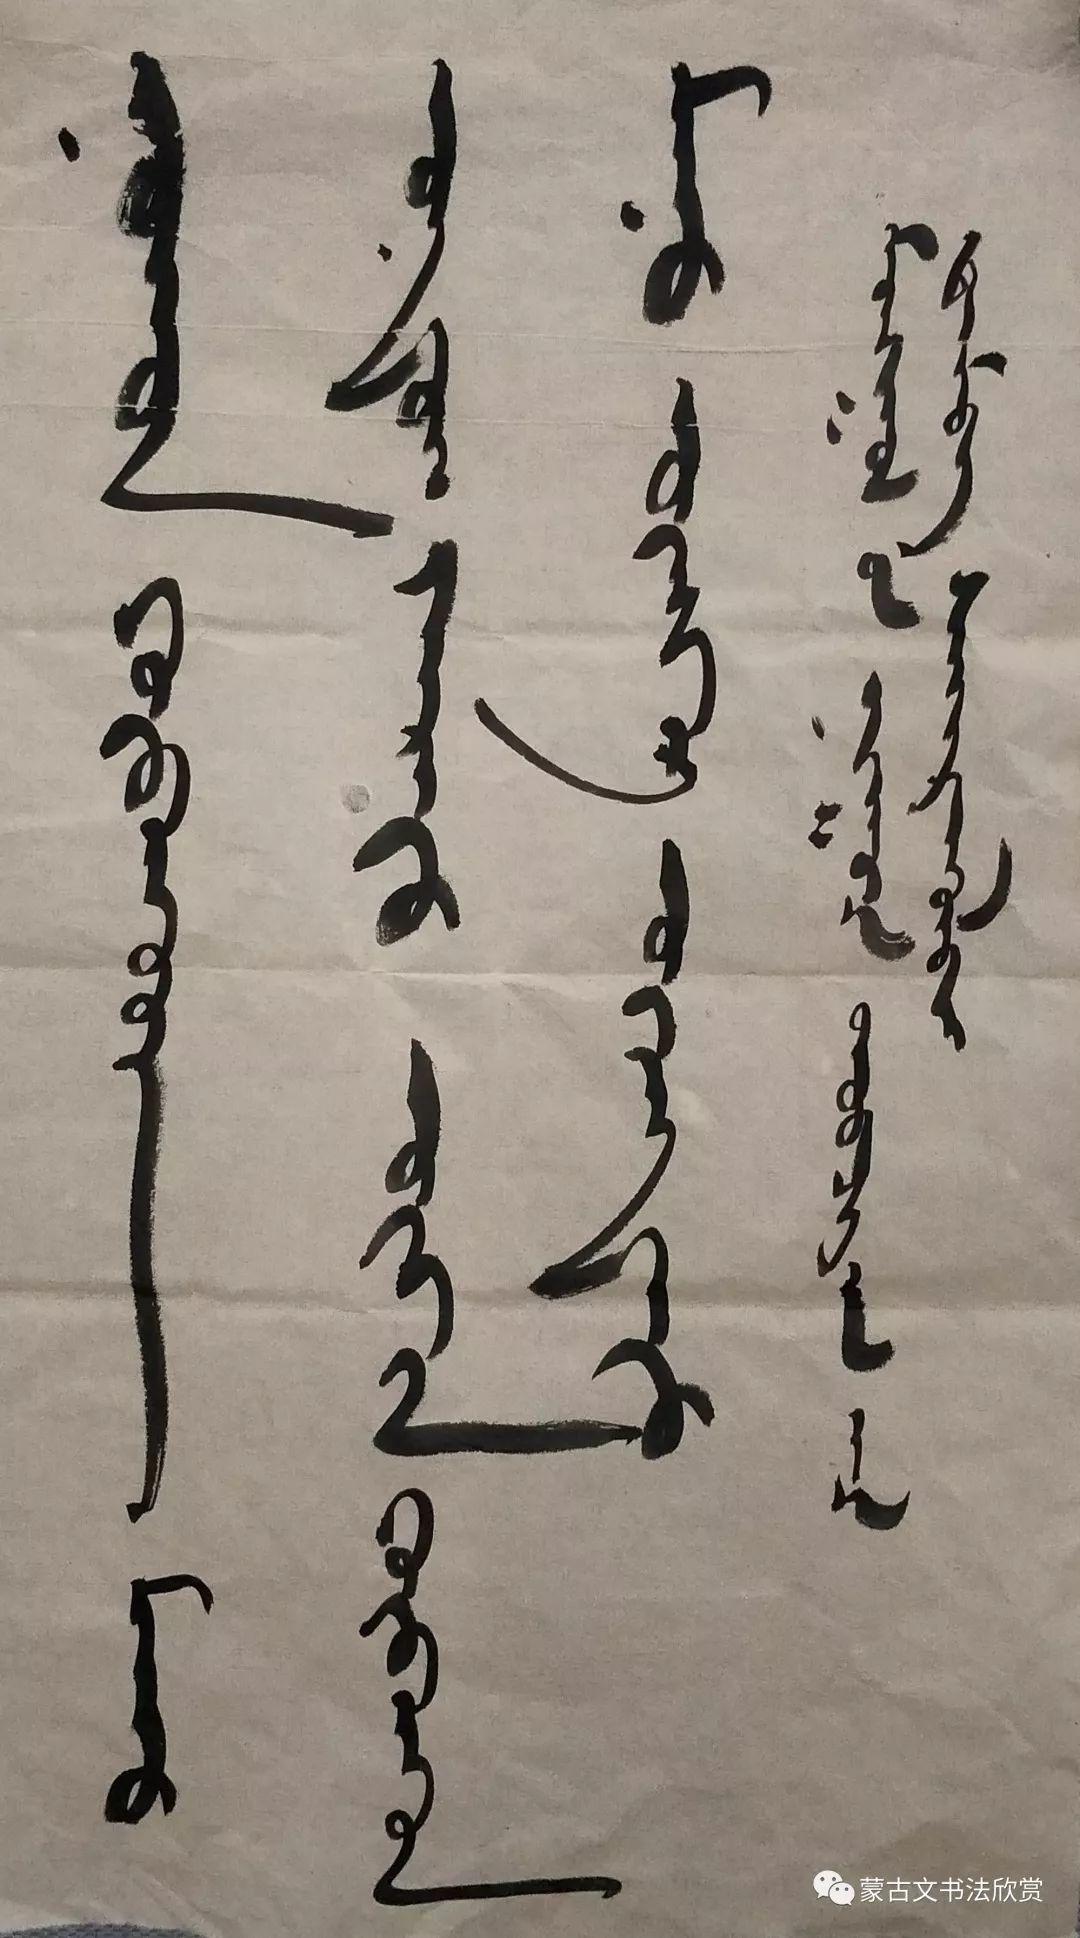 蒙古文书法欣赏——丹巴 第14张 蒙古文书法欣赏——丹巴 蒙古书法